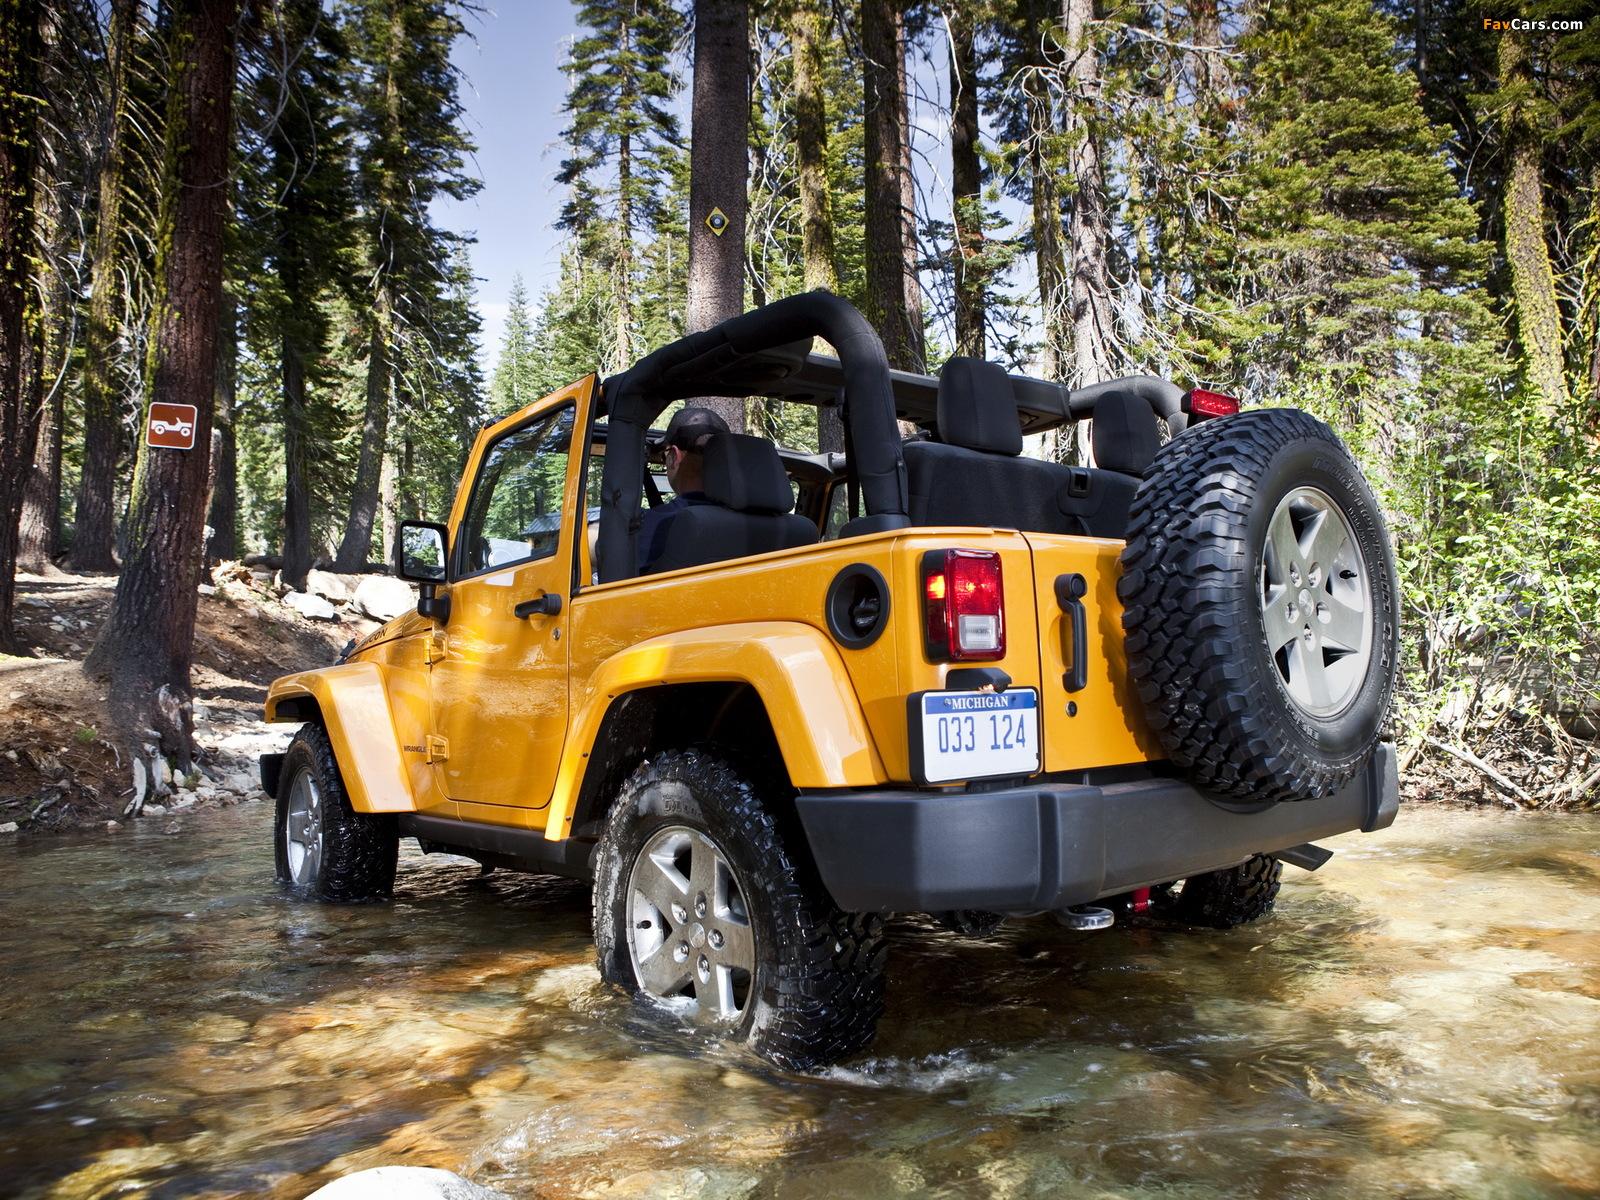 Jeep Wrangler Rubicon (JK) 2010 photos (1600 x 1200)